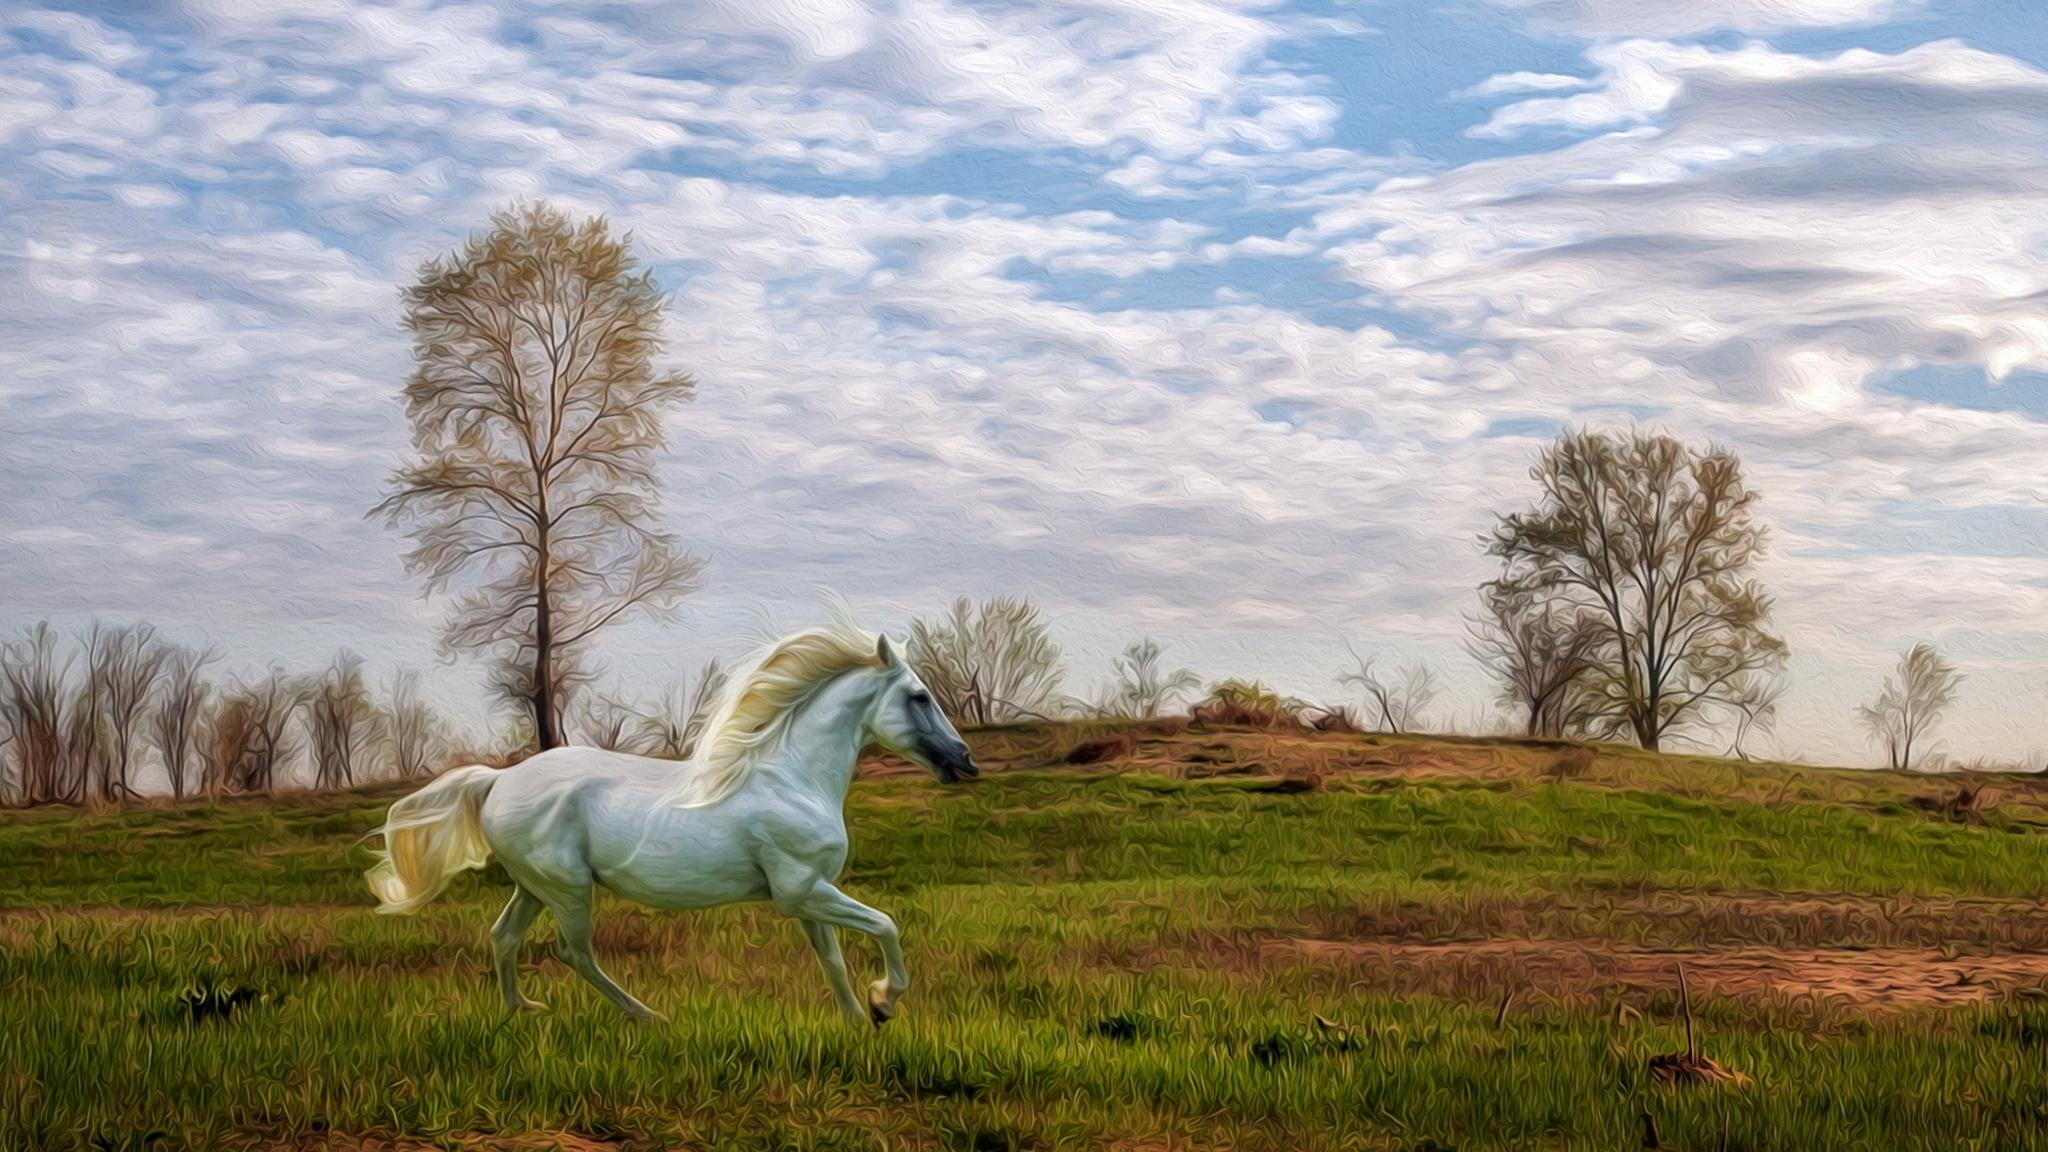 лошадь конь лес поляна  № 99122 бесплатно